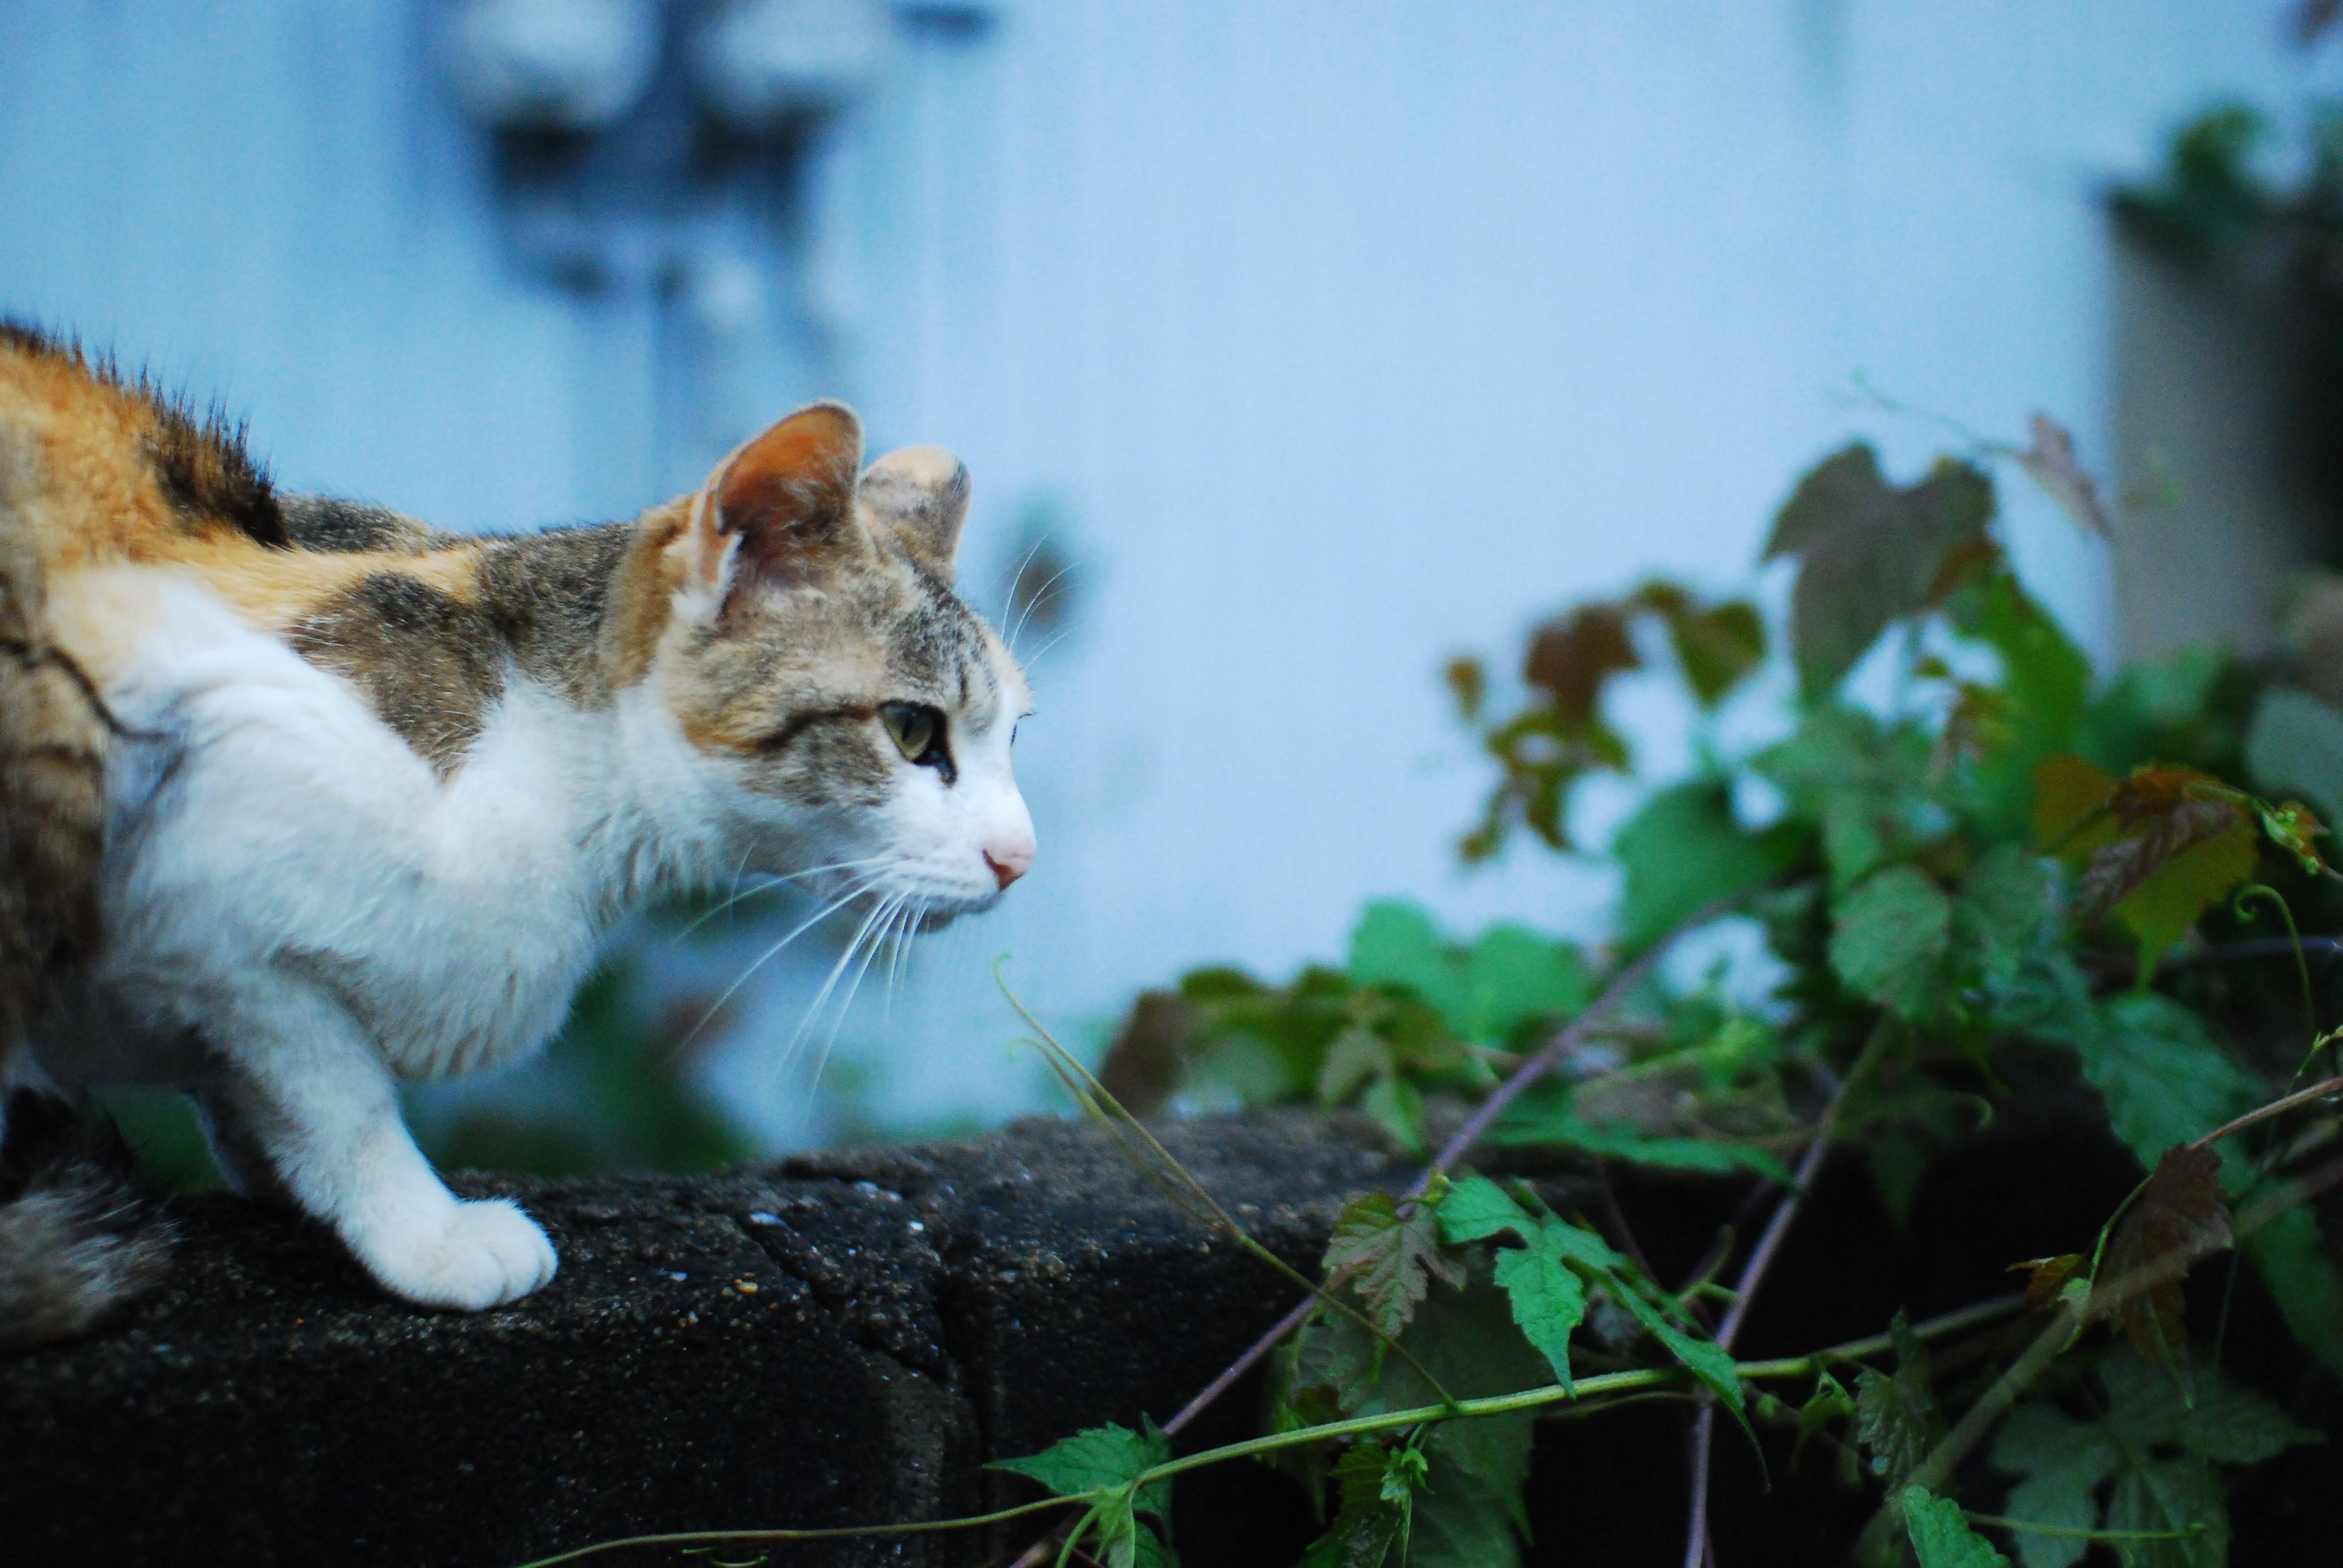 かわいい猫のデスクトップ壁紙画像まとめ フルhd 1920x1080 Pc 猫